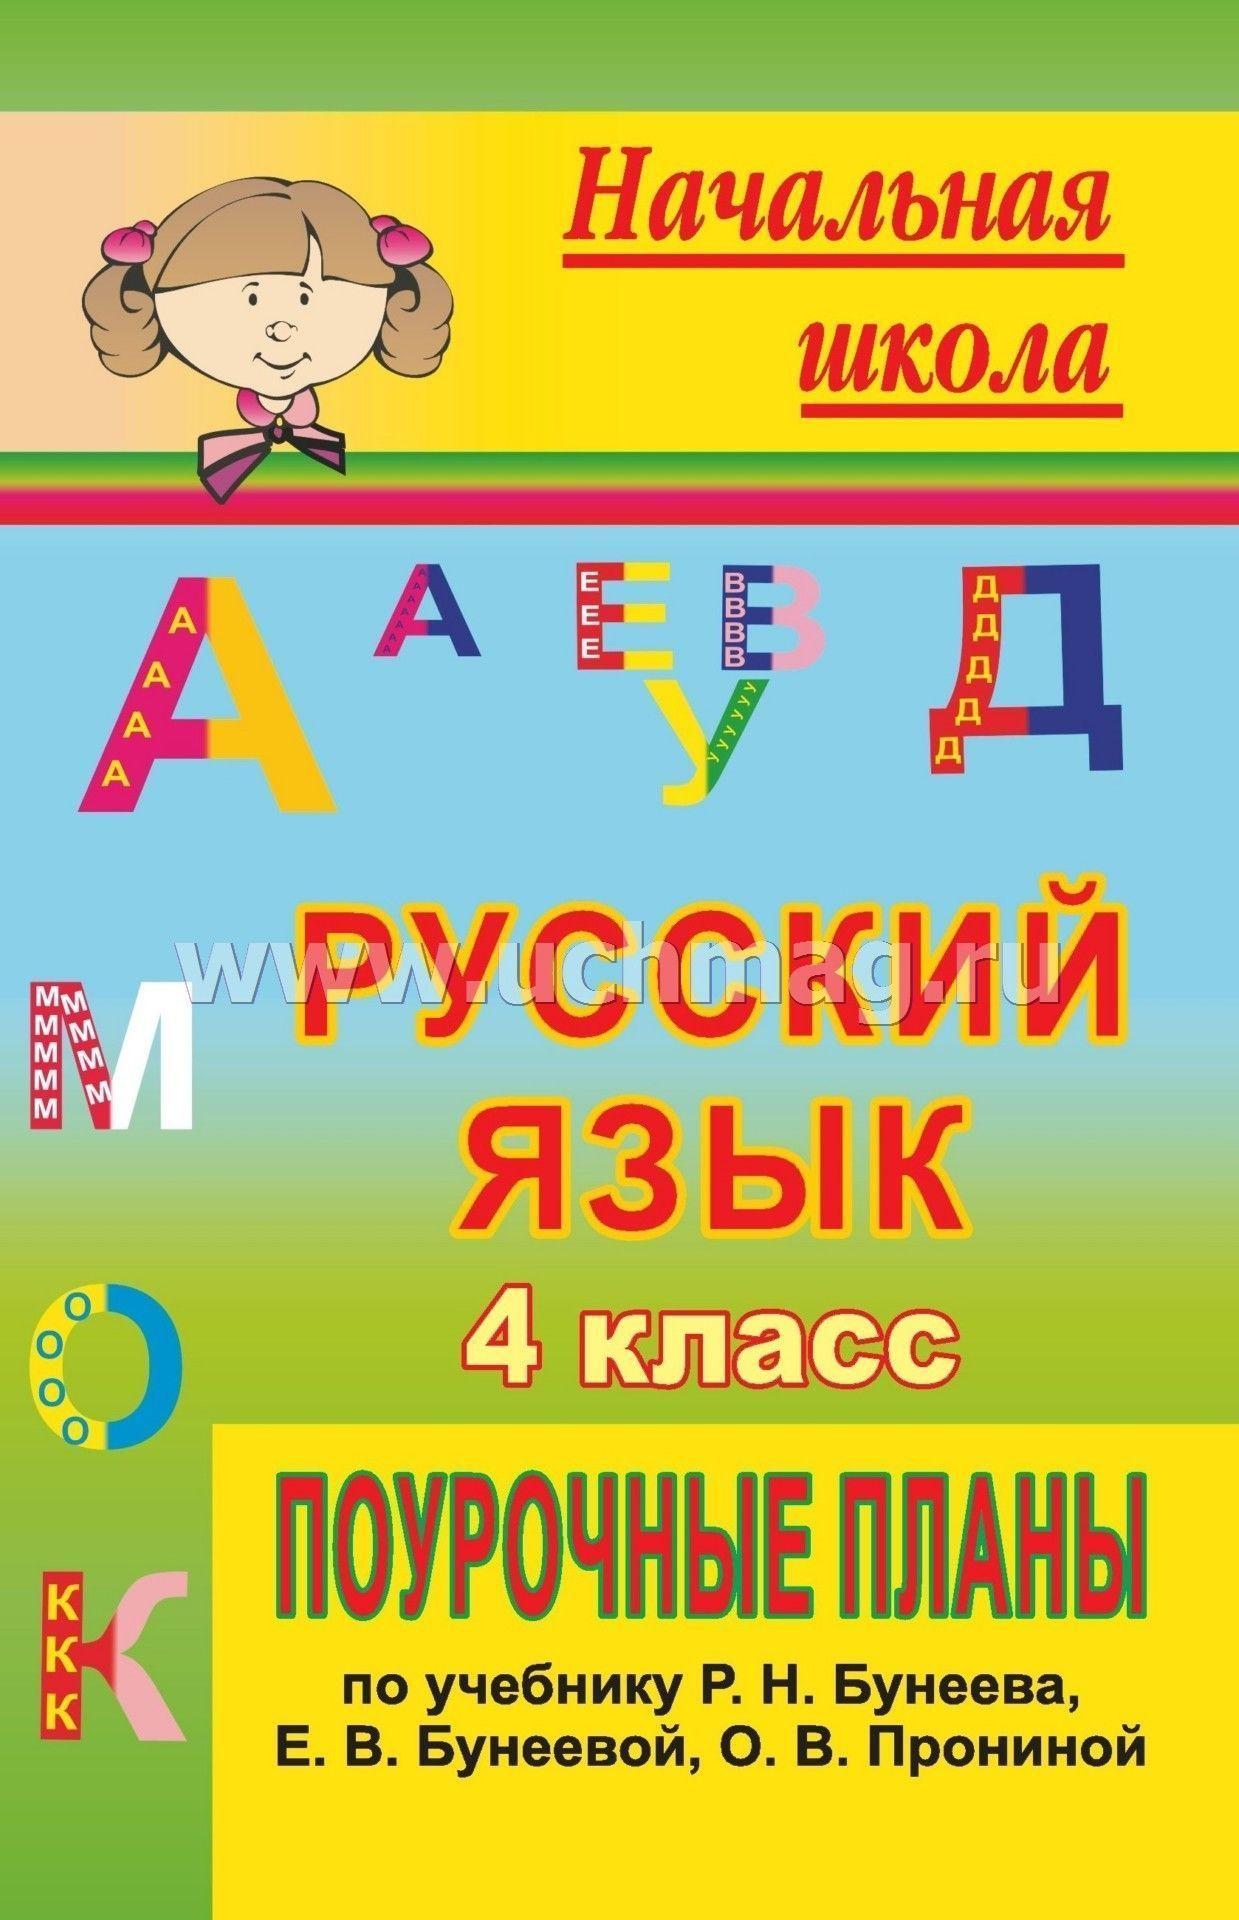 Конспект урока 52 по русскому языку в 4 классе школа 21 века